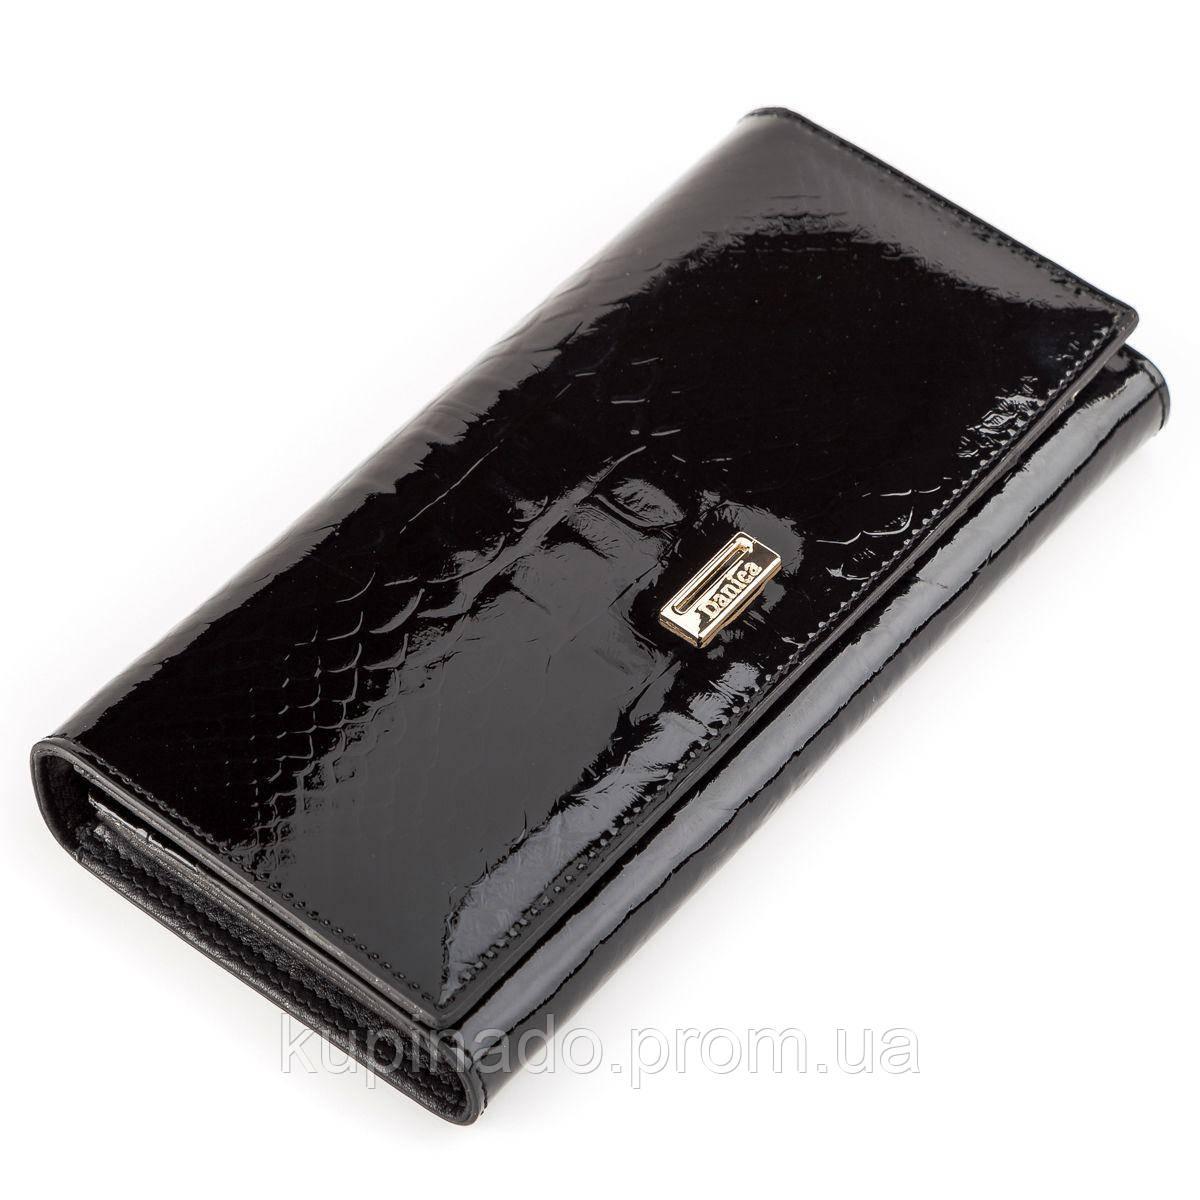 Кошелек женский DANICA 13867 кожаный Черный, Черный